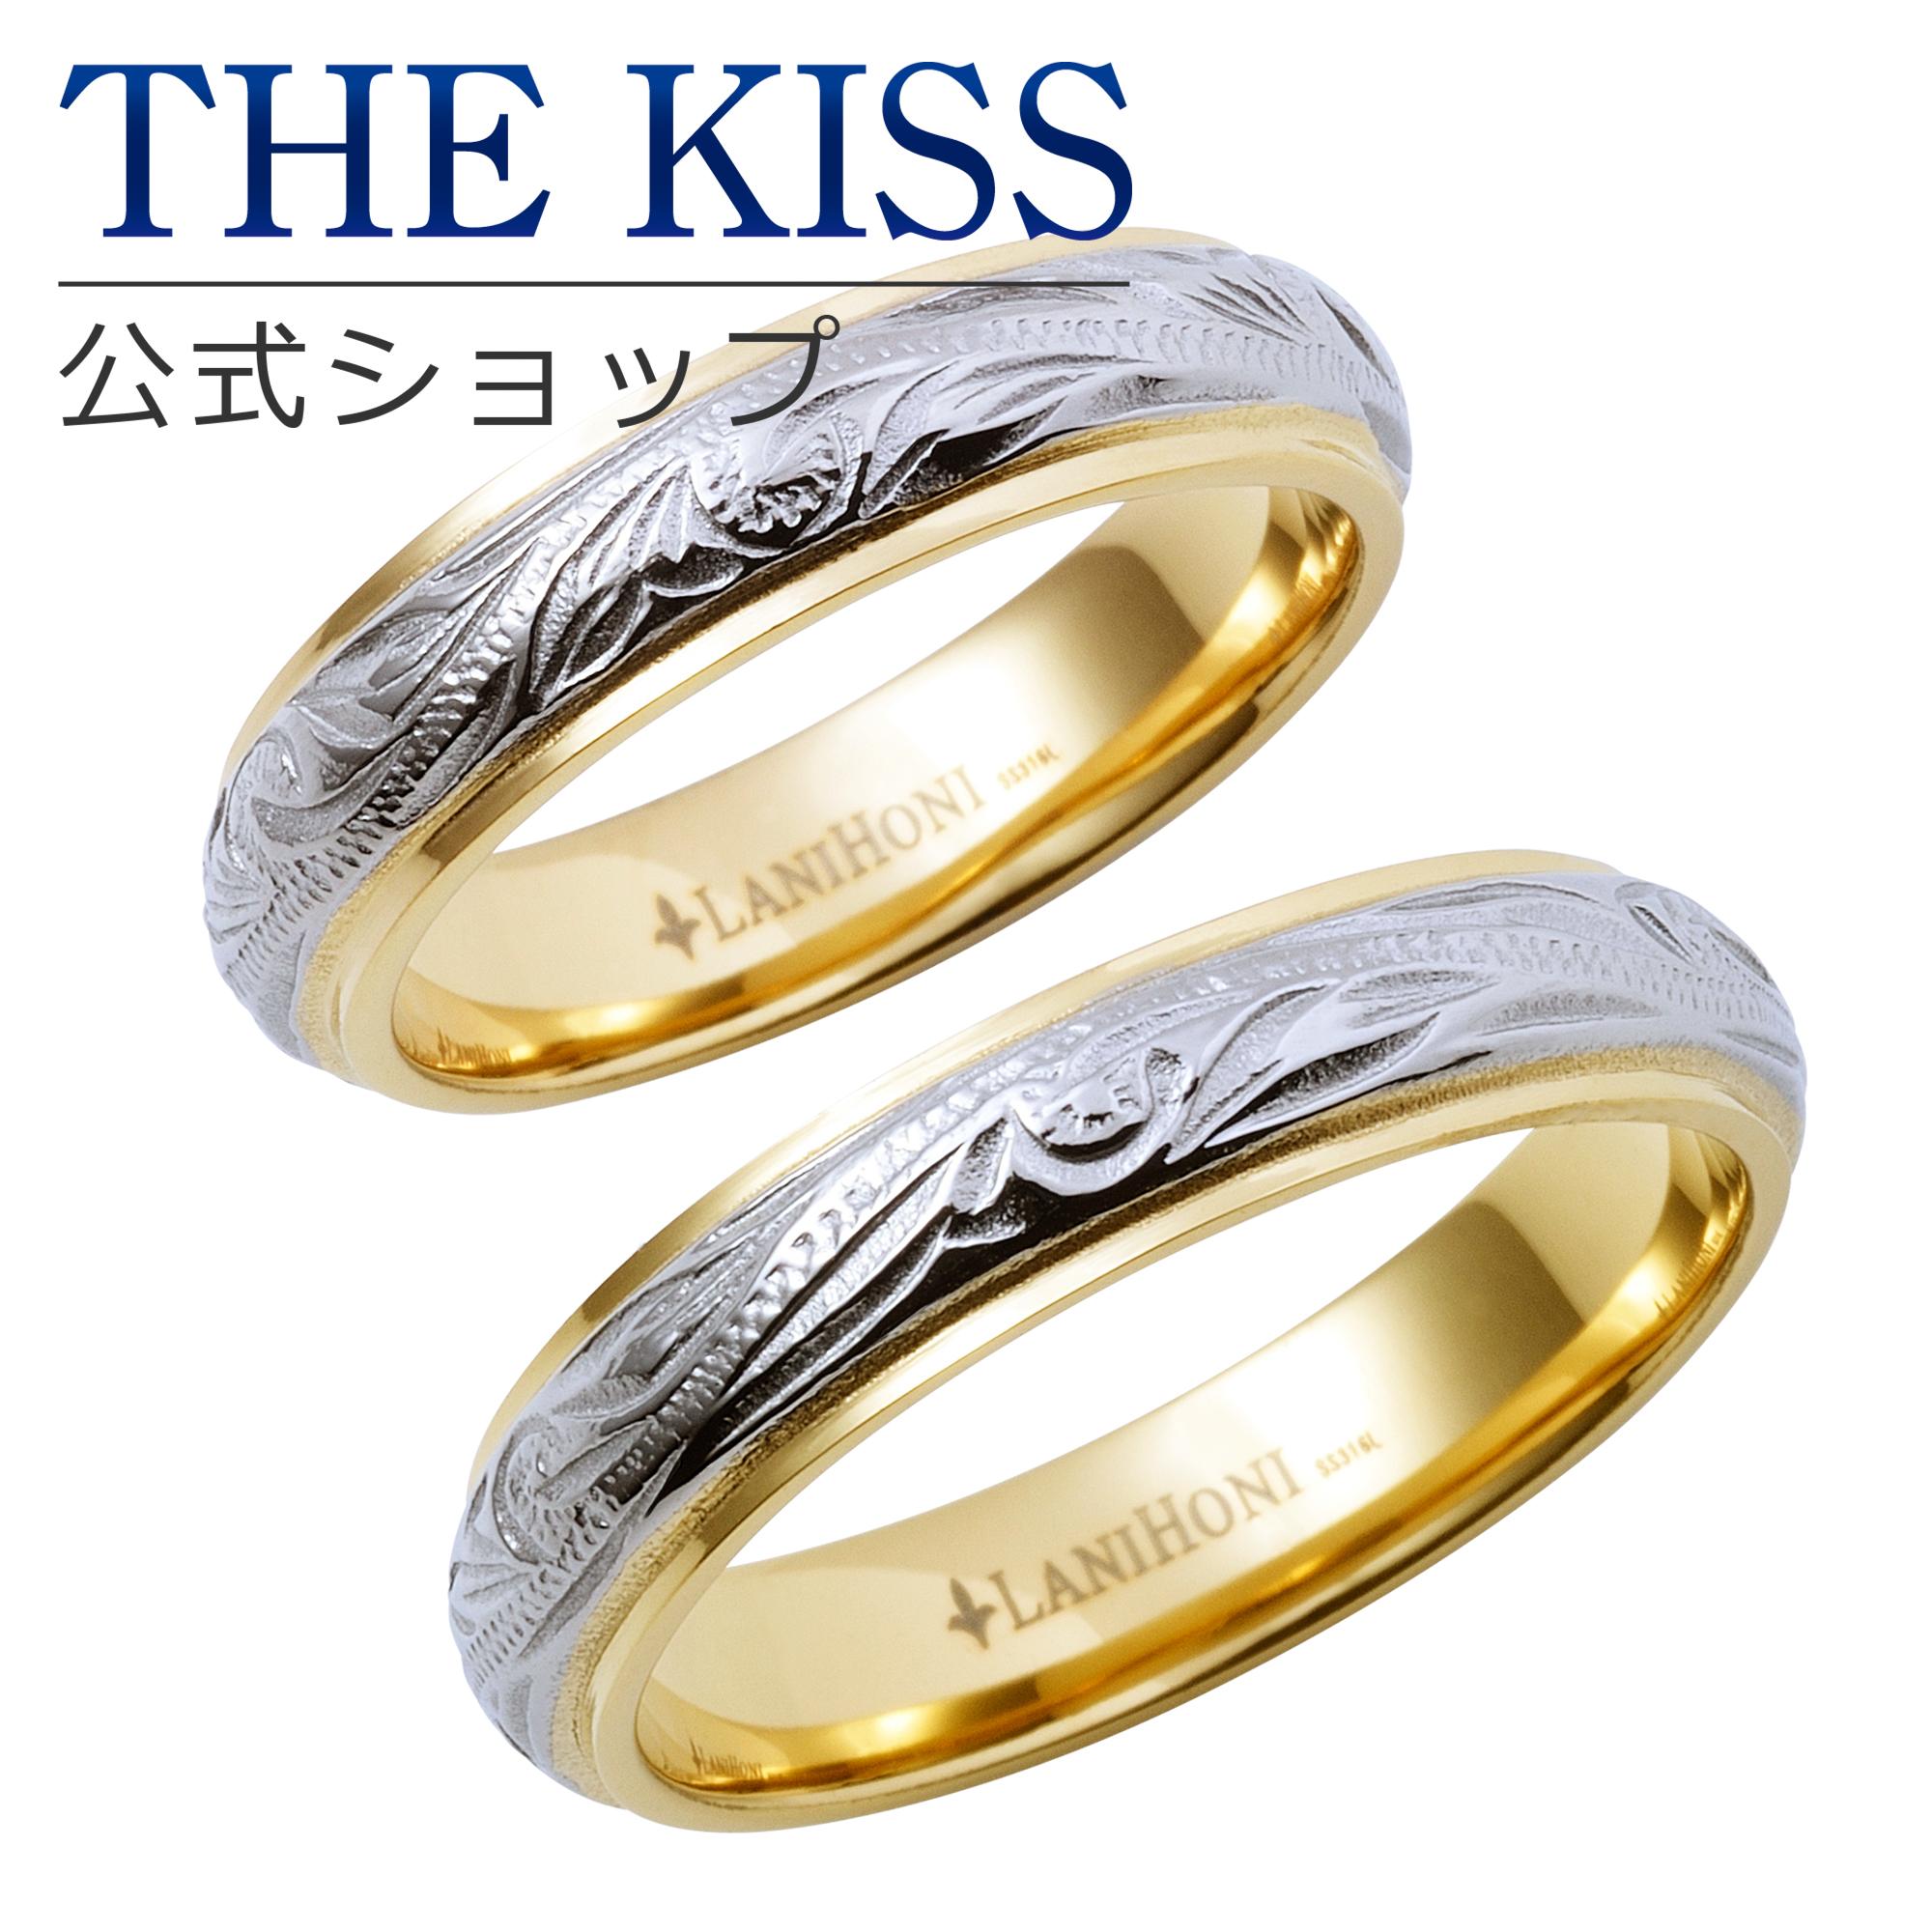 【あす楽対応】THE KISS 公式サイト ステンレス ハワイアン ペアリング ペアアクセサリー カップル に 人気 の ジュエリーブランド THEKISS ペア リング・指輪 記念日 プレゼント L-R8012-P セット シンプル ザキス 【送料無料】